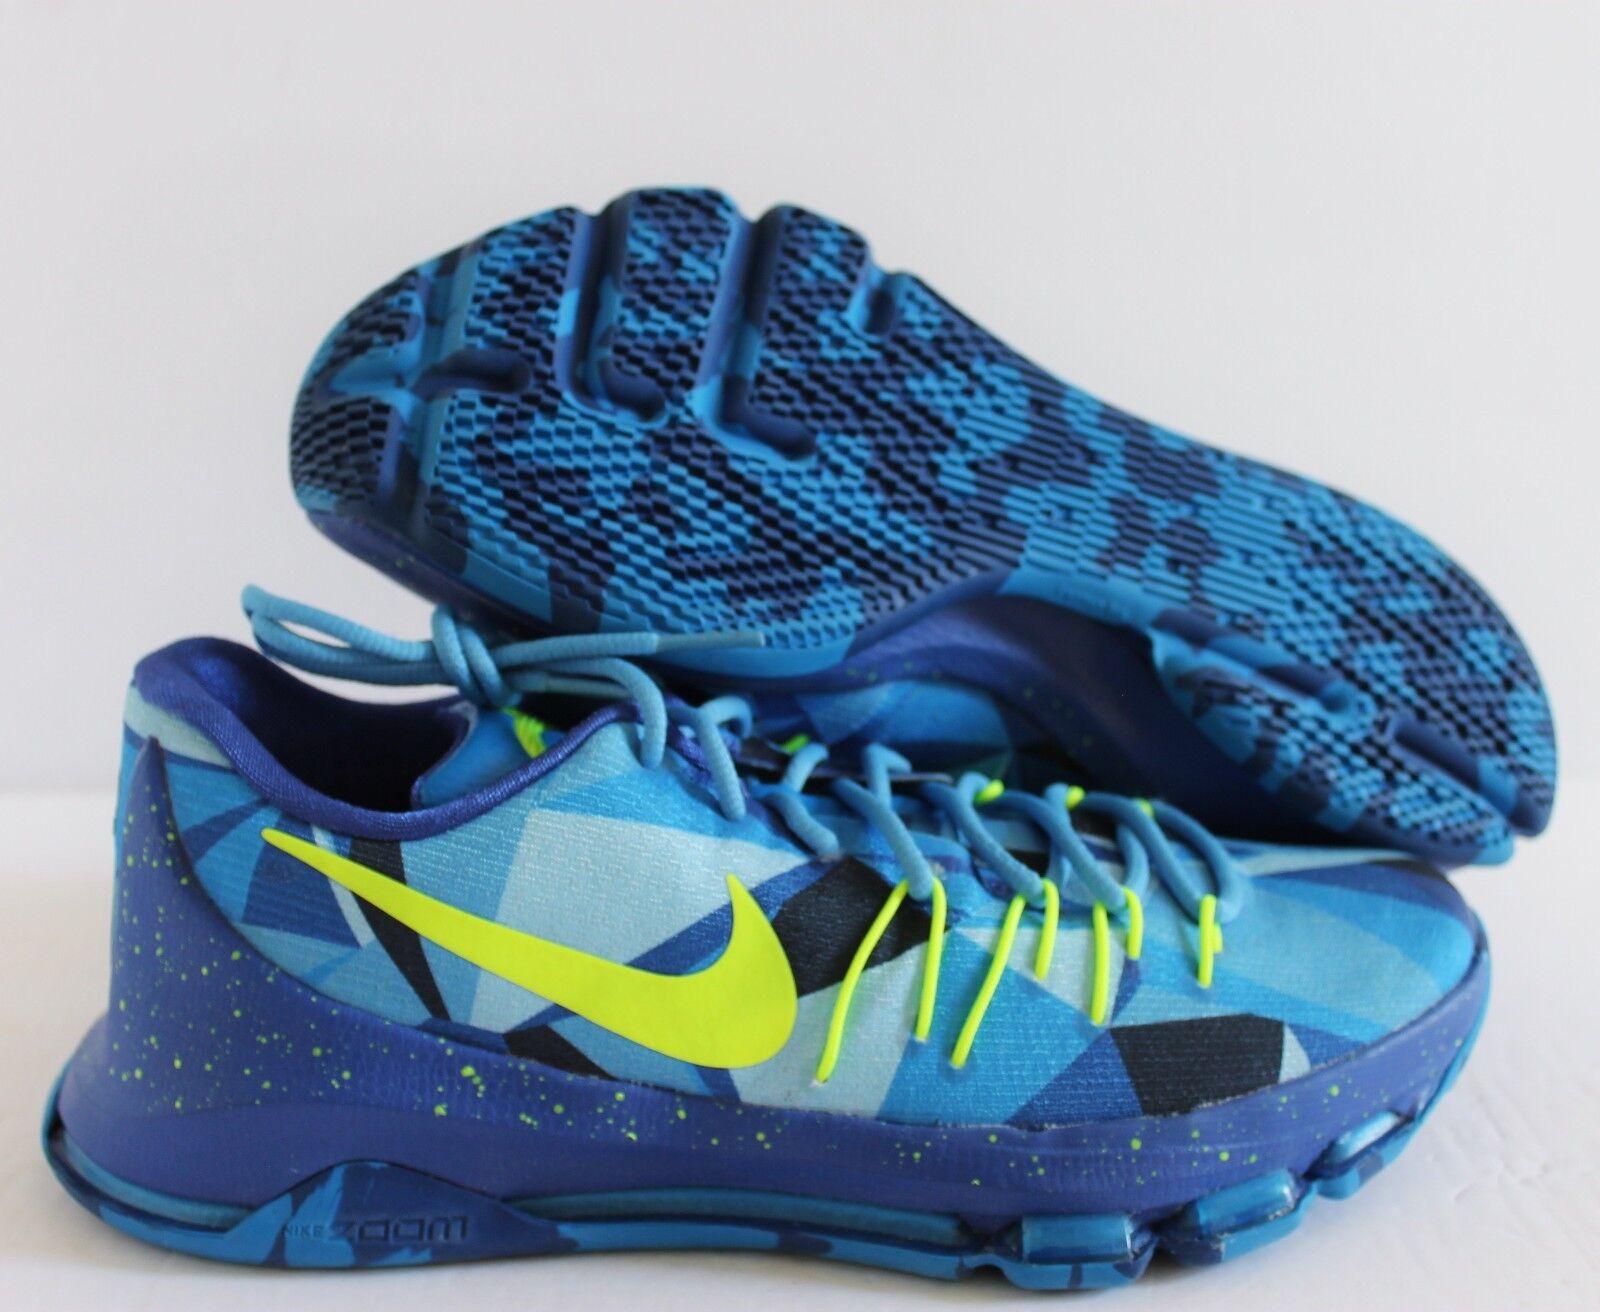 Nike KD 8 VIII Kevin Durant bluee-Black-Lime SZ 9.5